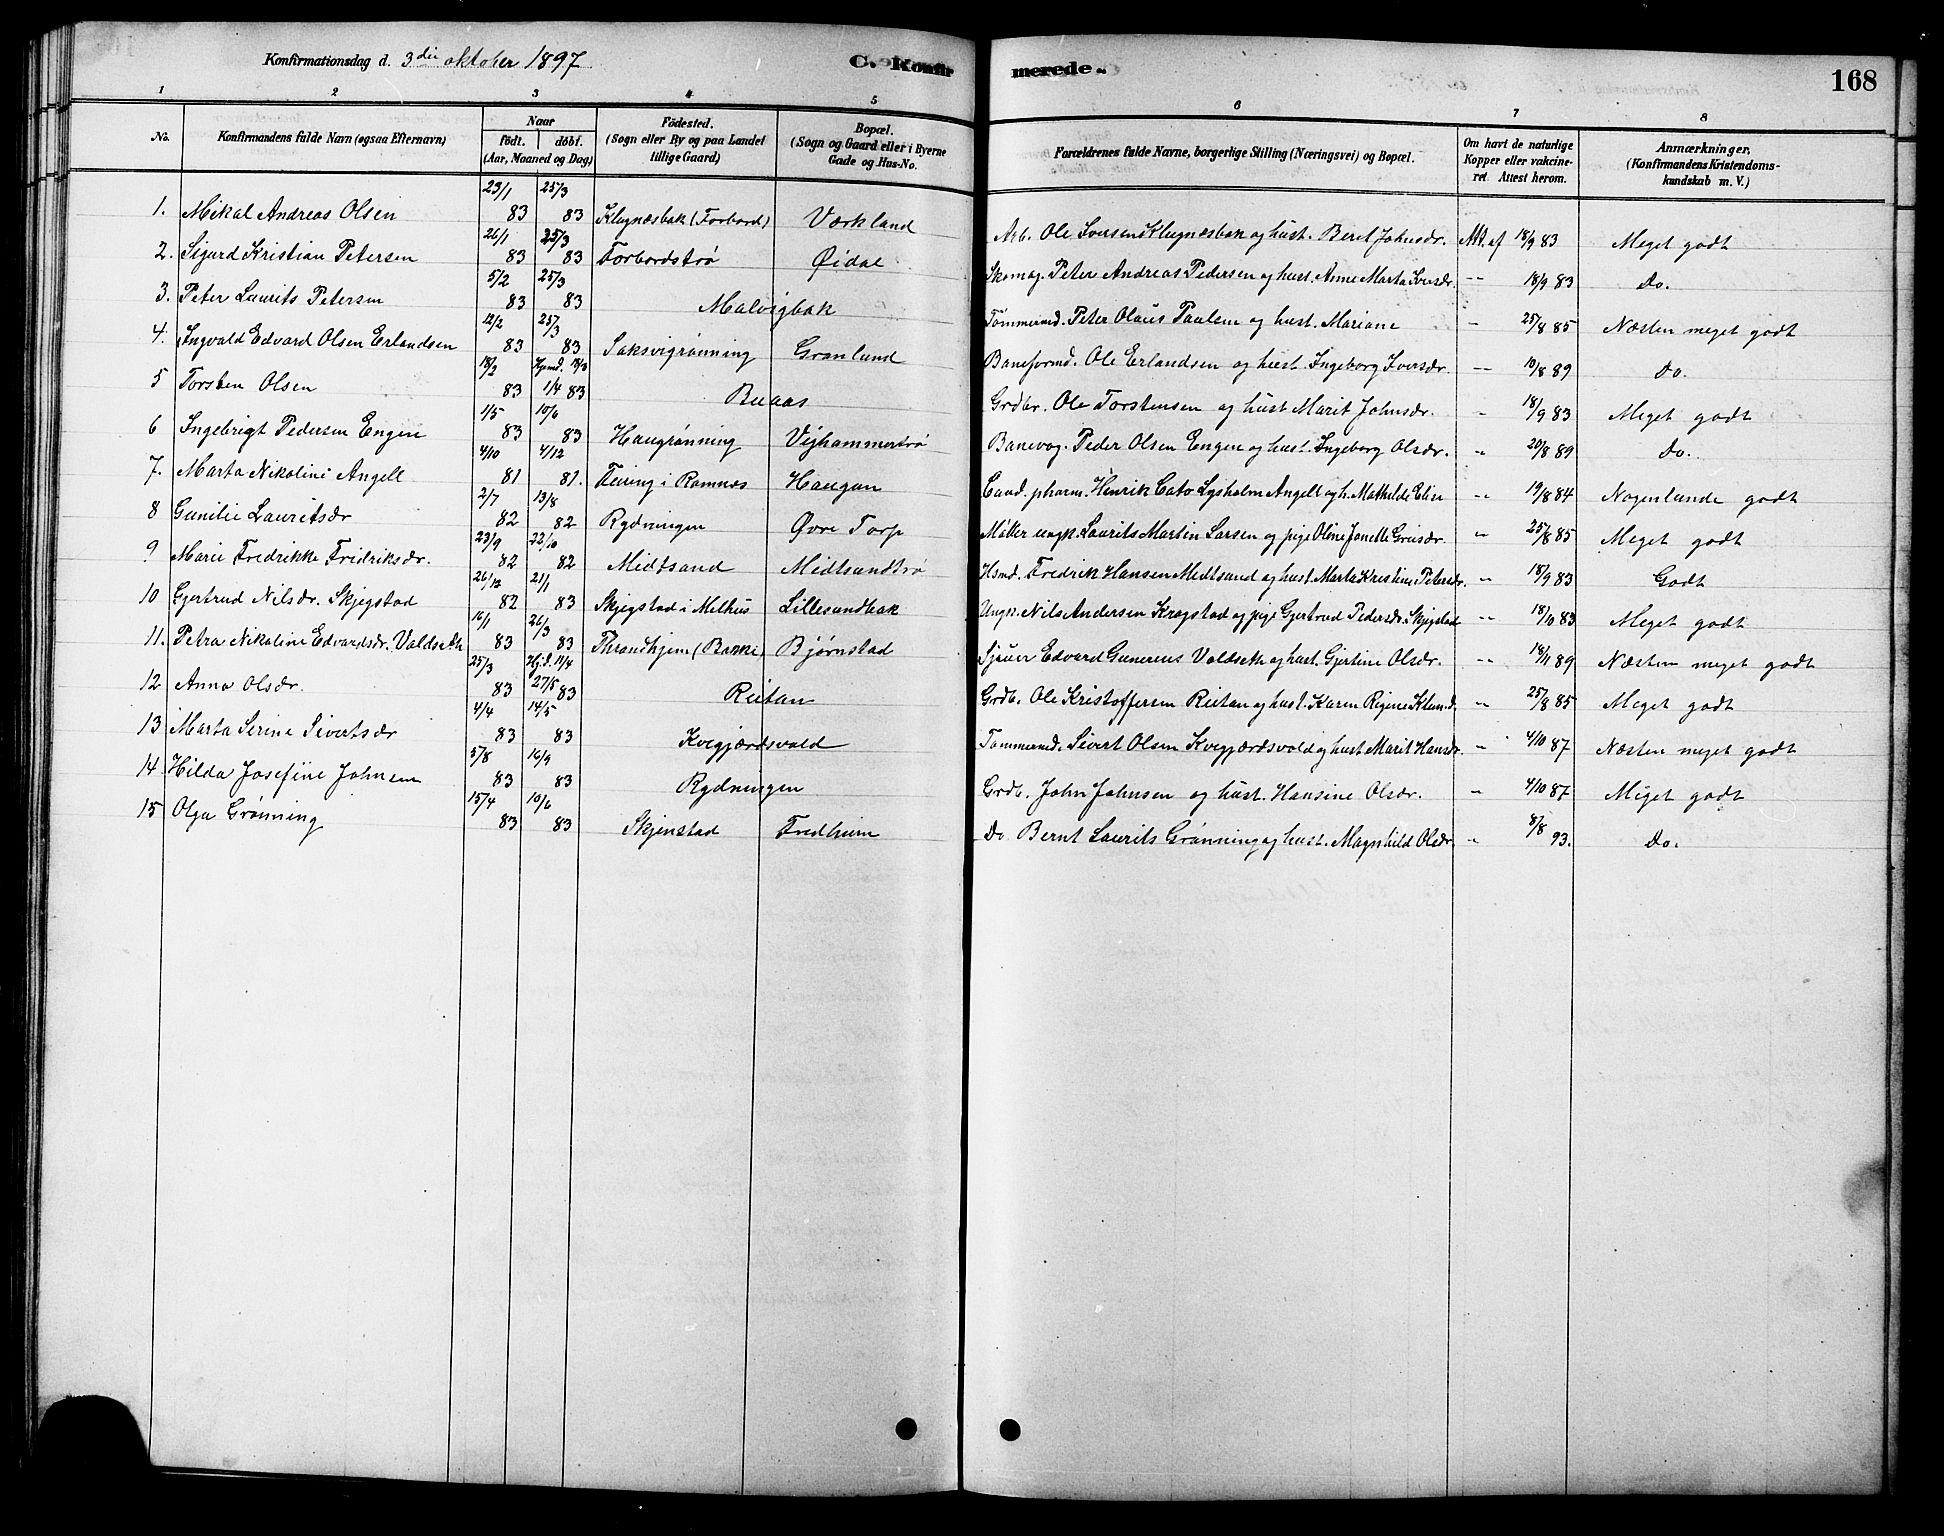 SAT, Ministerialprotokoller, klokkerbøker og fødselsregistre - Sør-Trøndelag, 616/L0423: Klokkerbok nr. 616C06, 1878-1903, s. 168